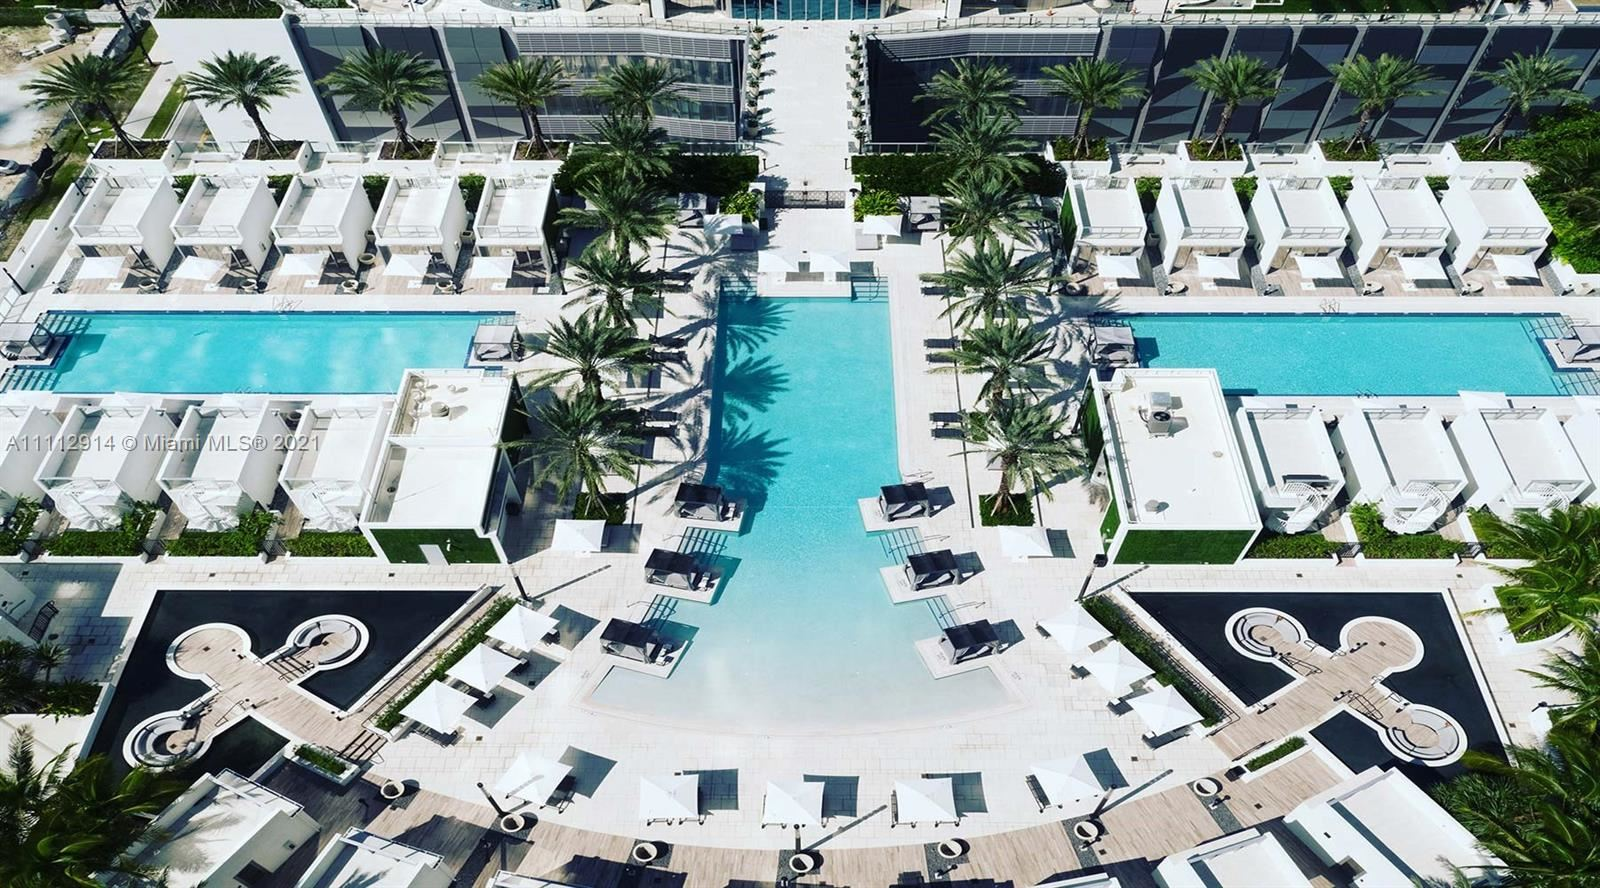 851 NE 1 #3809, Miami, FL 33132 - #: A11112914